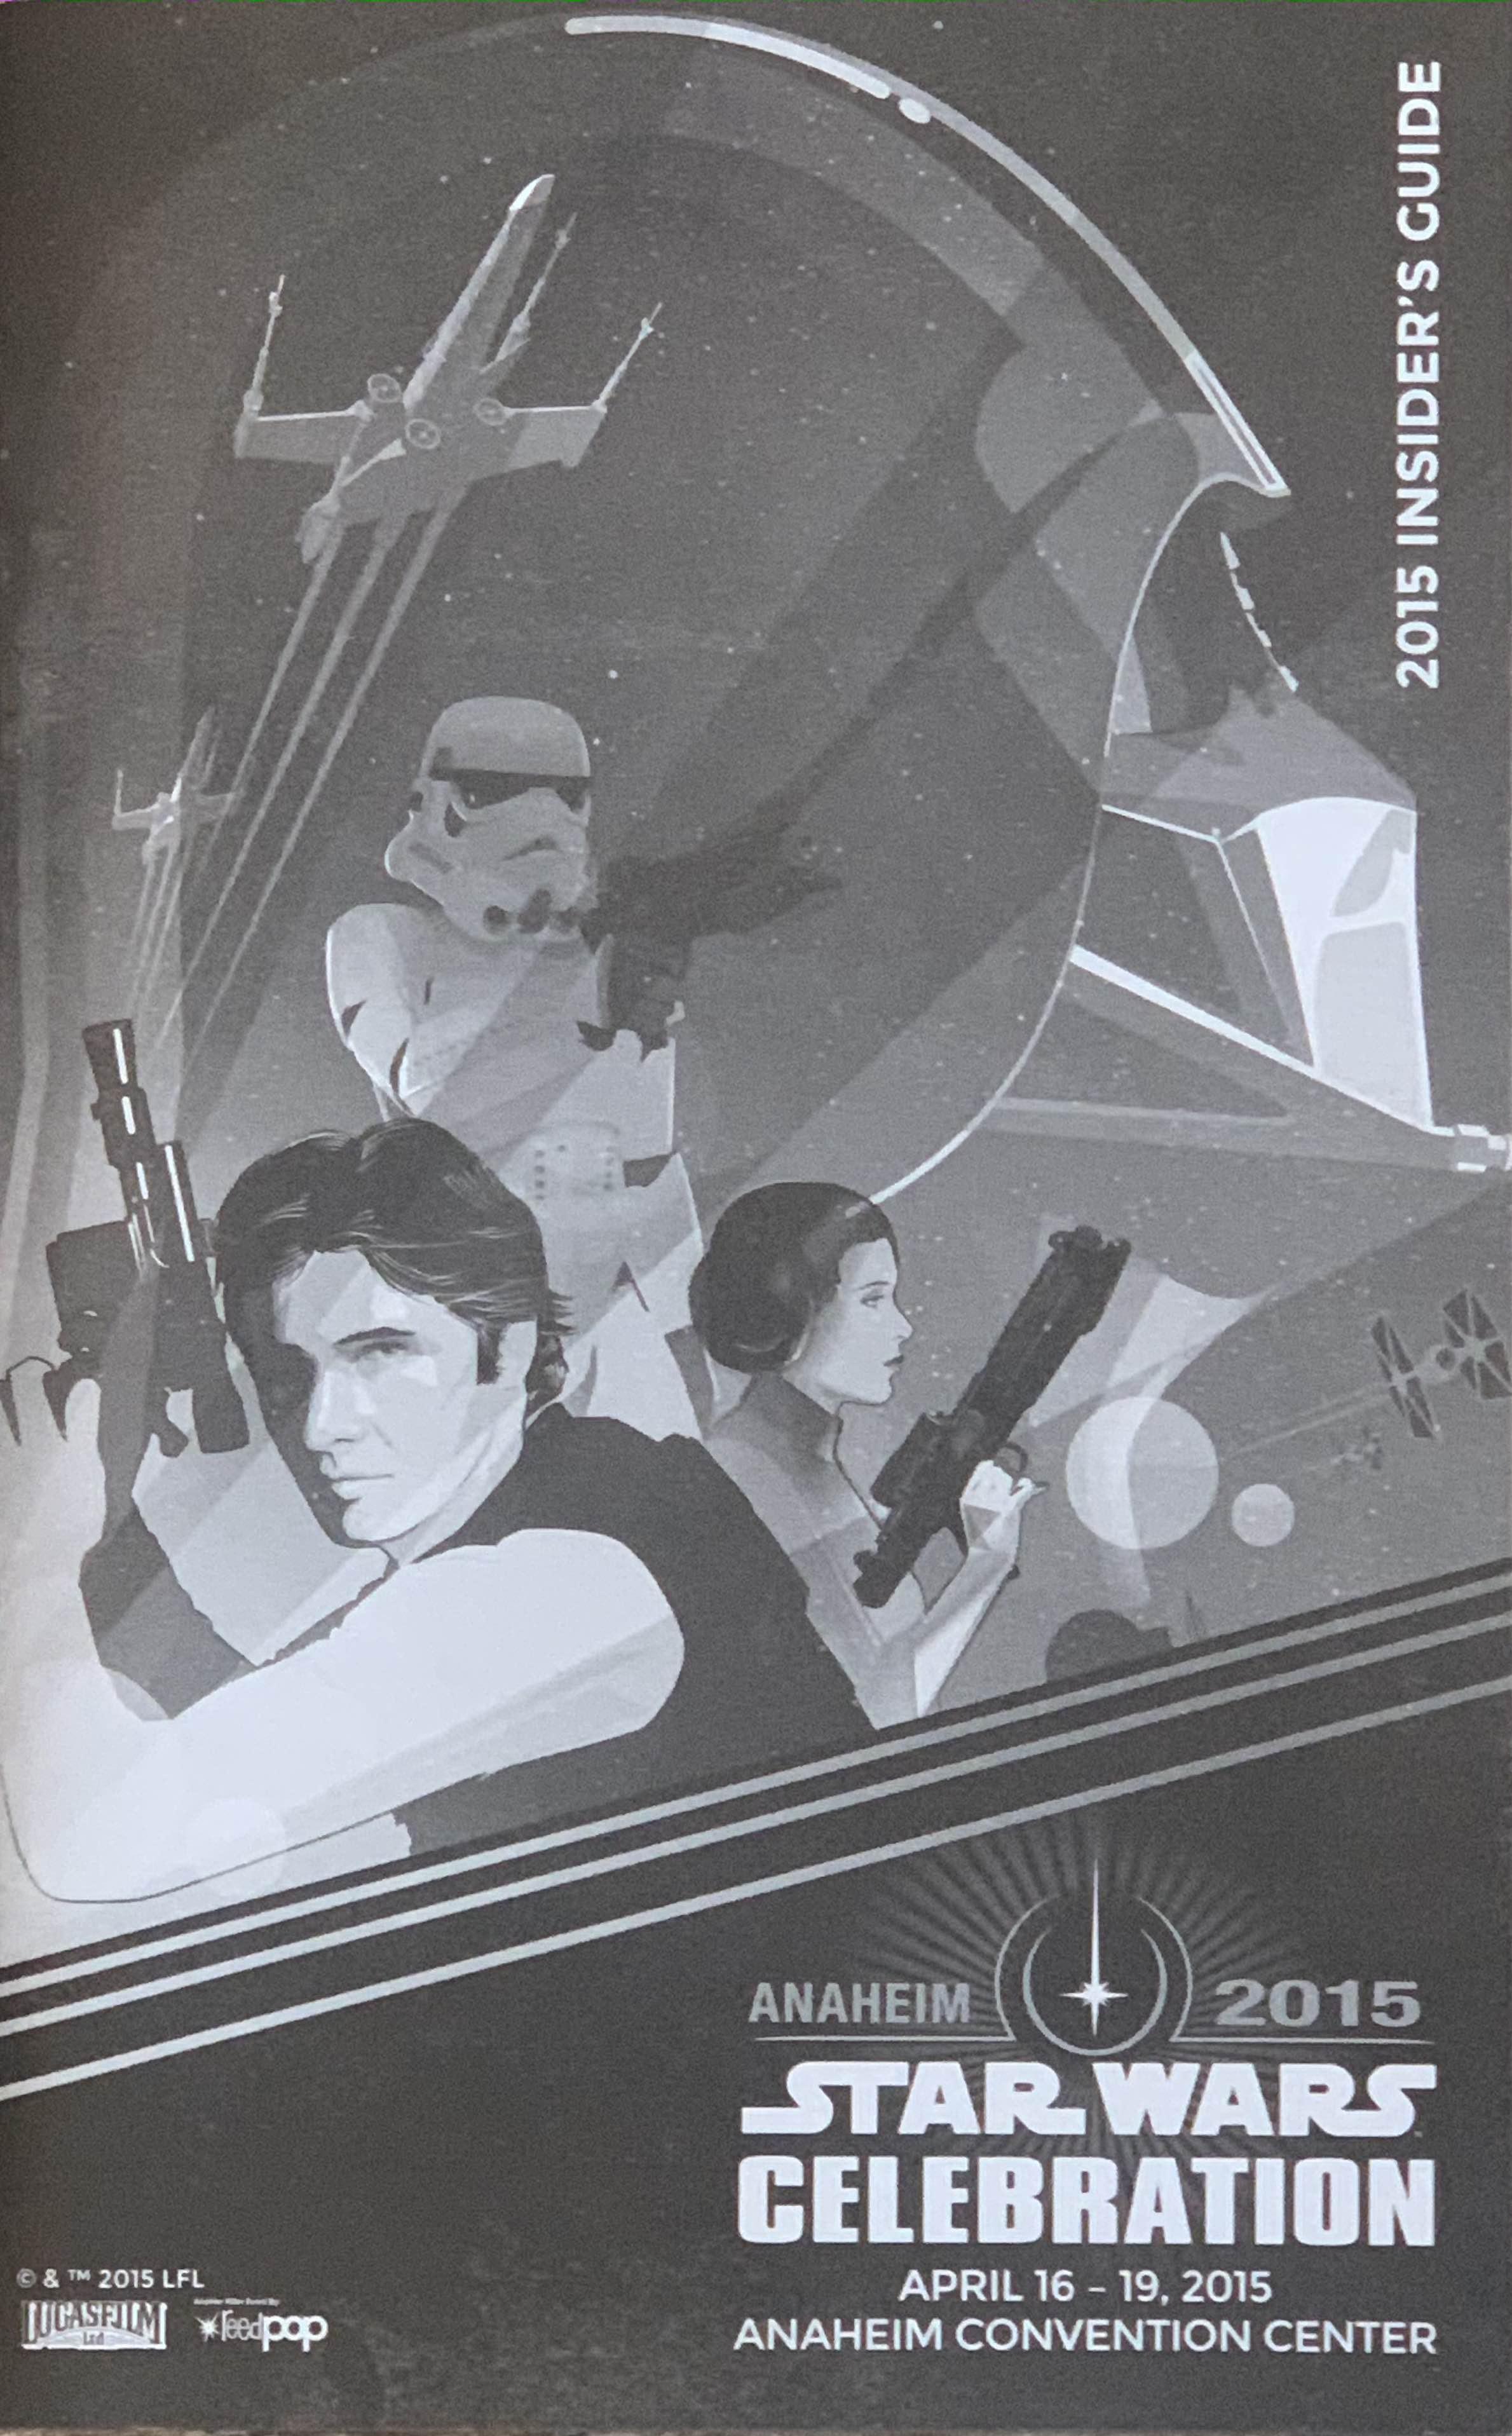 Star Wars Celebration Anaheim 2015 Insider's Guide